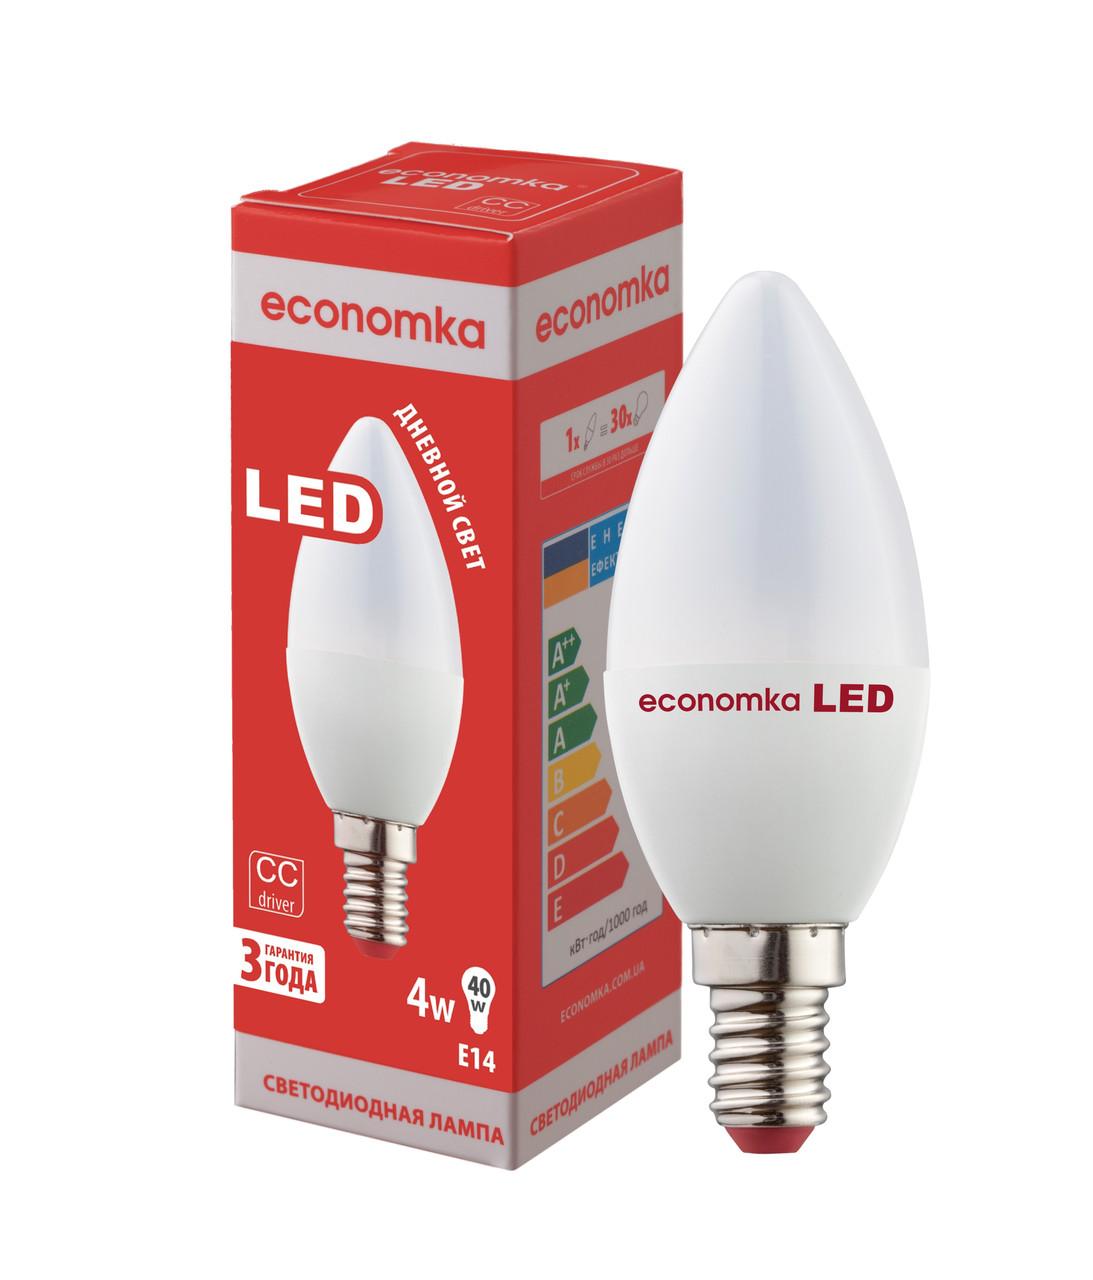 """Светодиодная лампа Economka LED CN 4W E14-4200 К - ООО """"Космос Лайтинг Украина"""" в Одессе"""